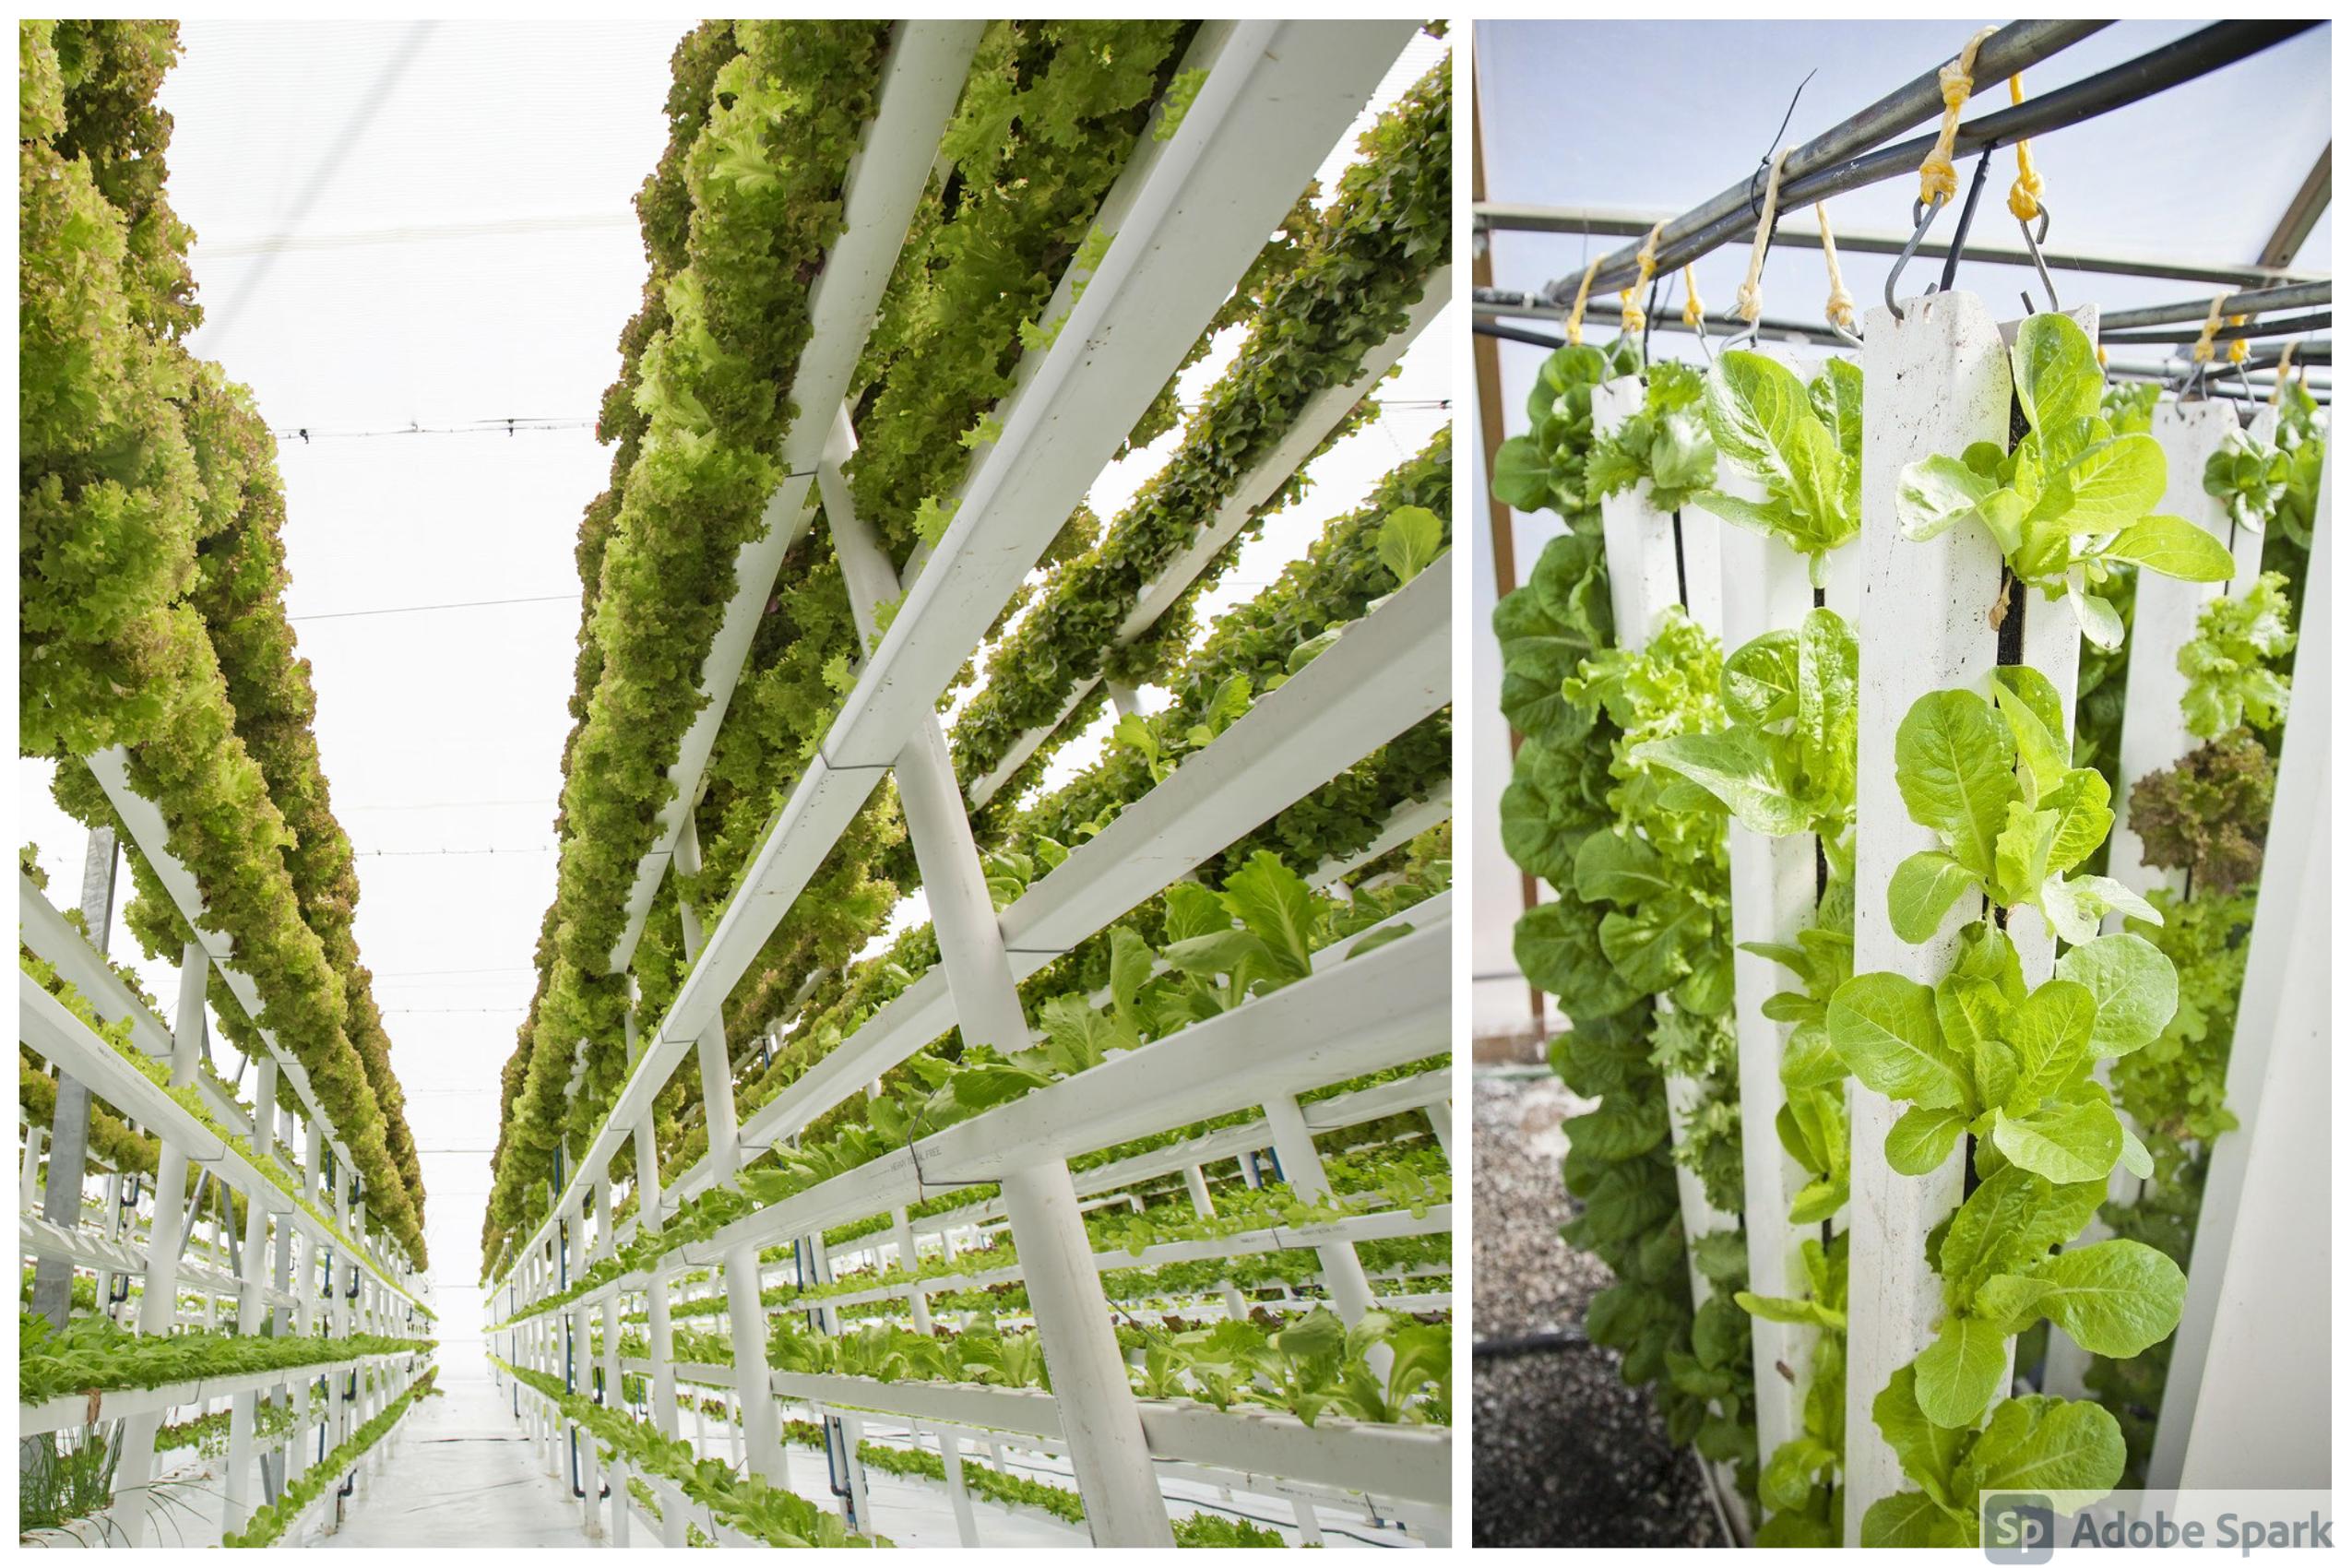 Indoor vertical farming: Future of farming